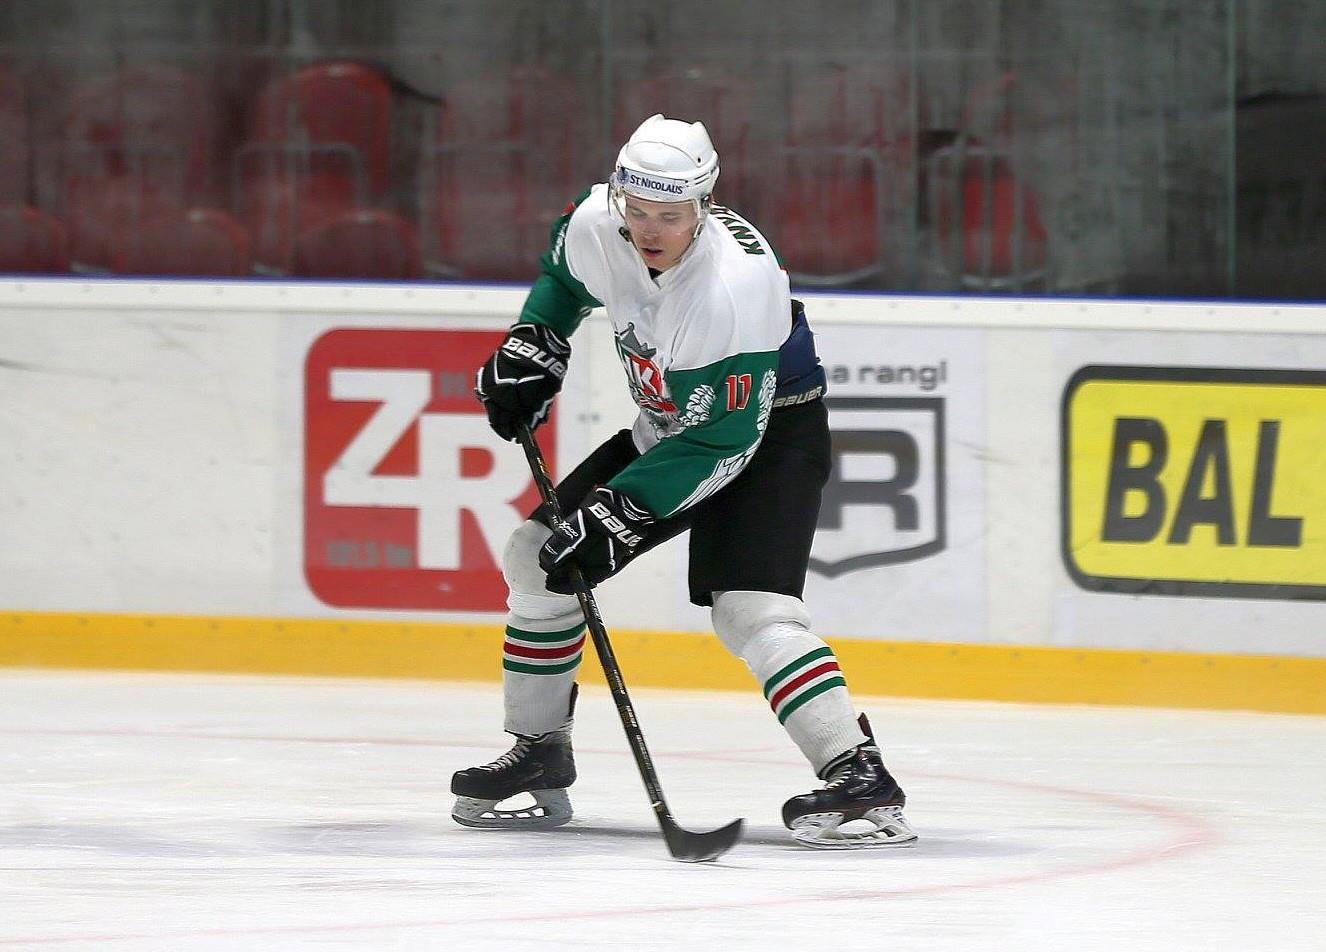 Ruský talent sa zriekol miesta v KHL aj vinou zranenia, kariéru reštartuje na Záhorí